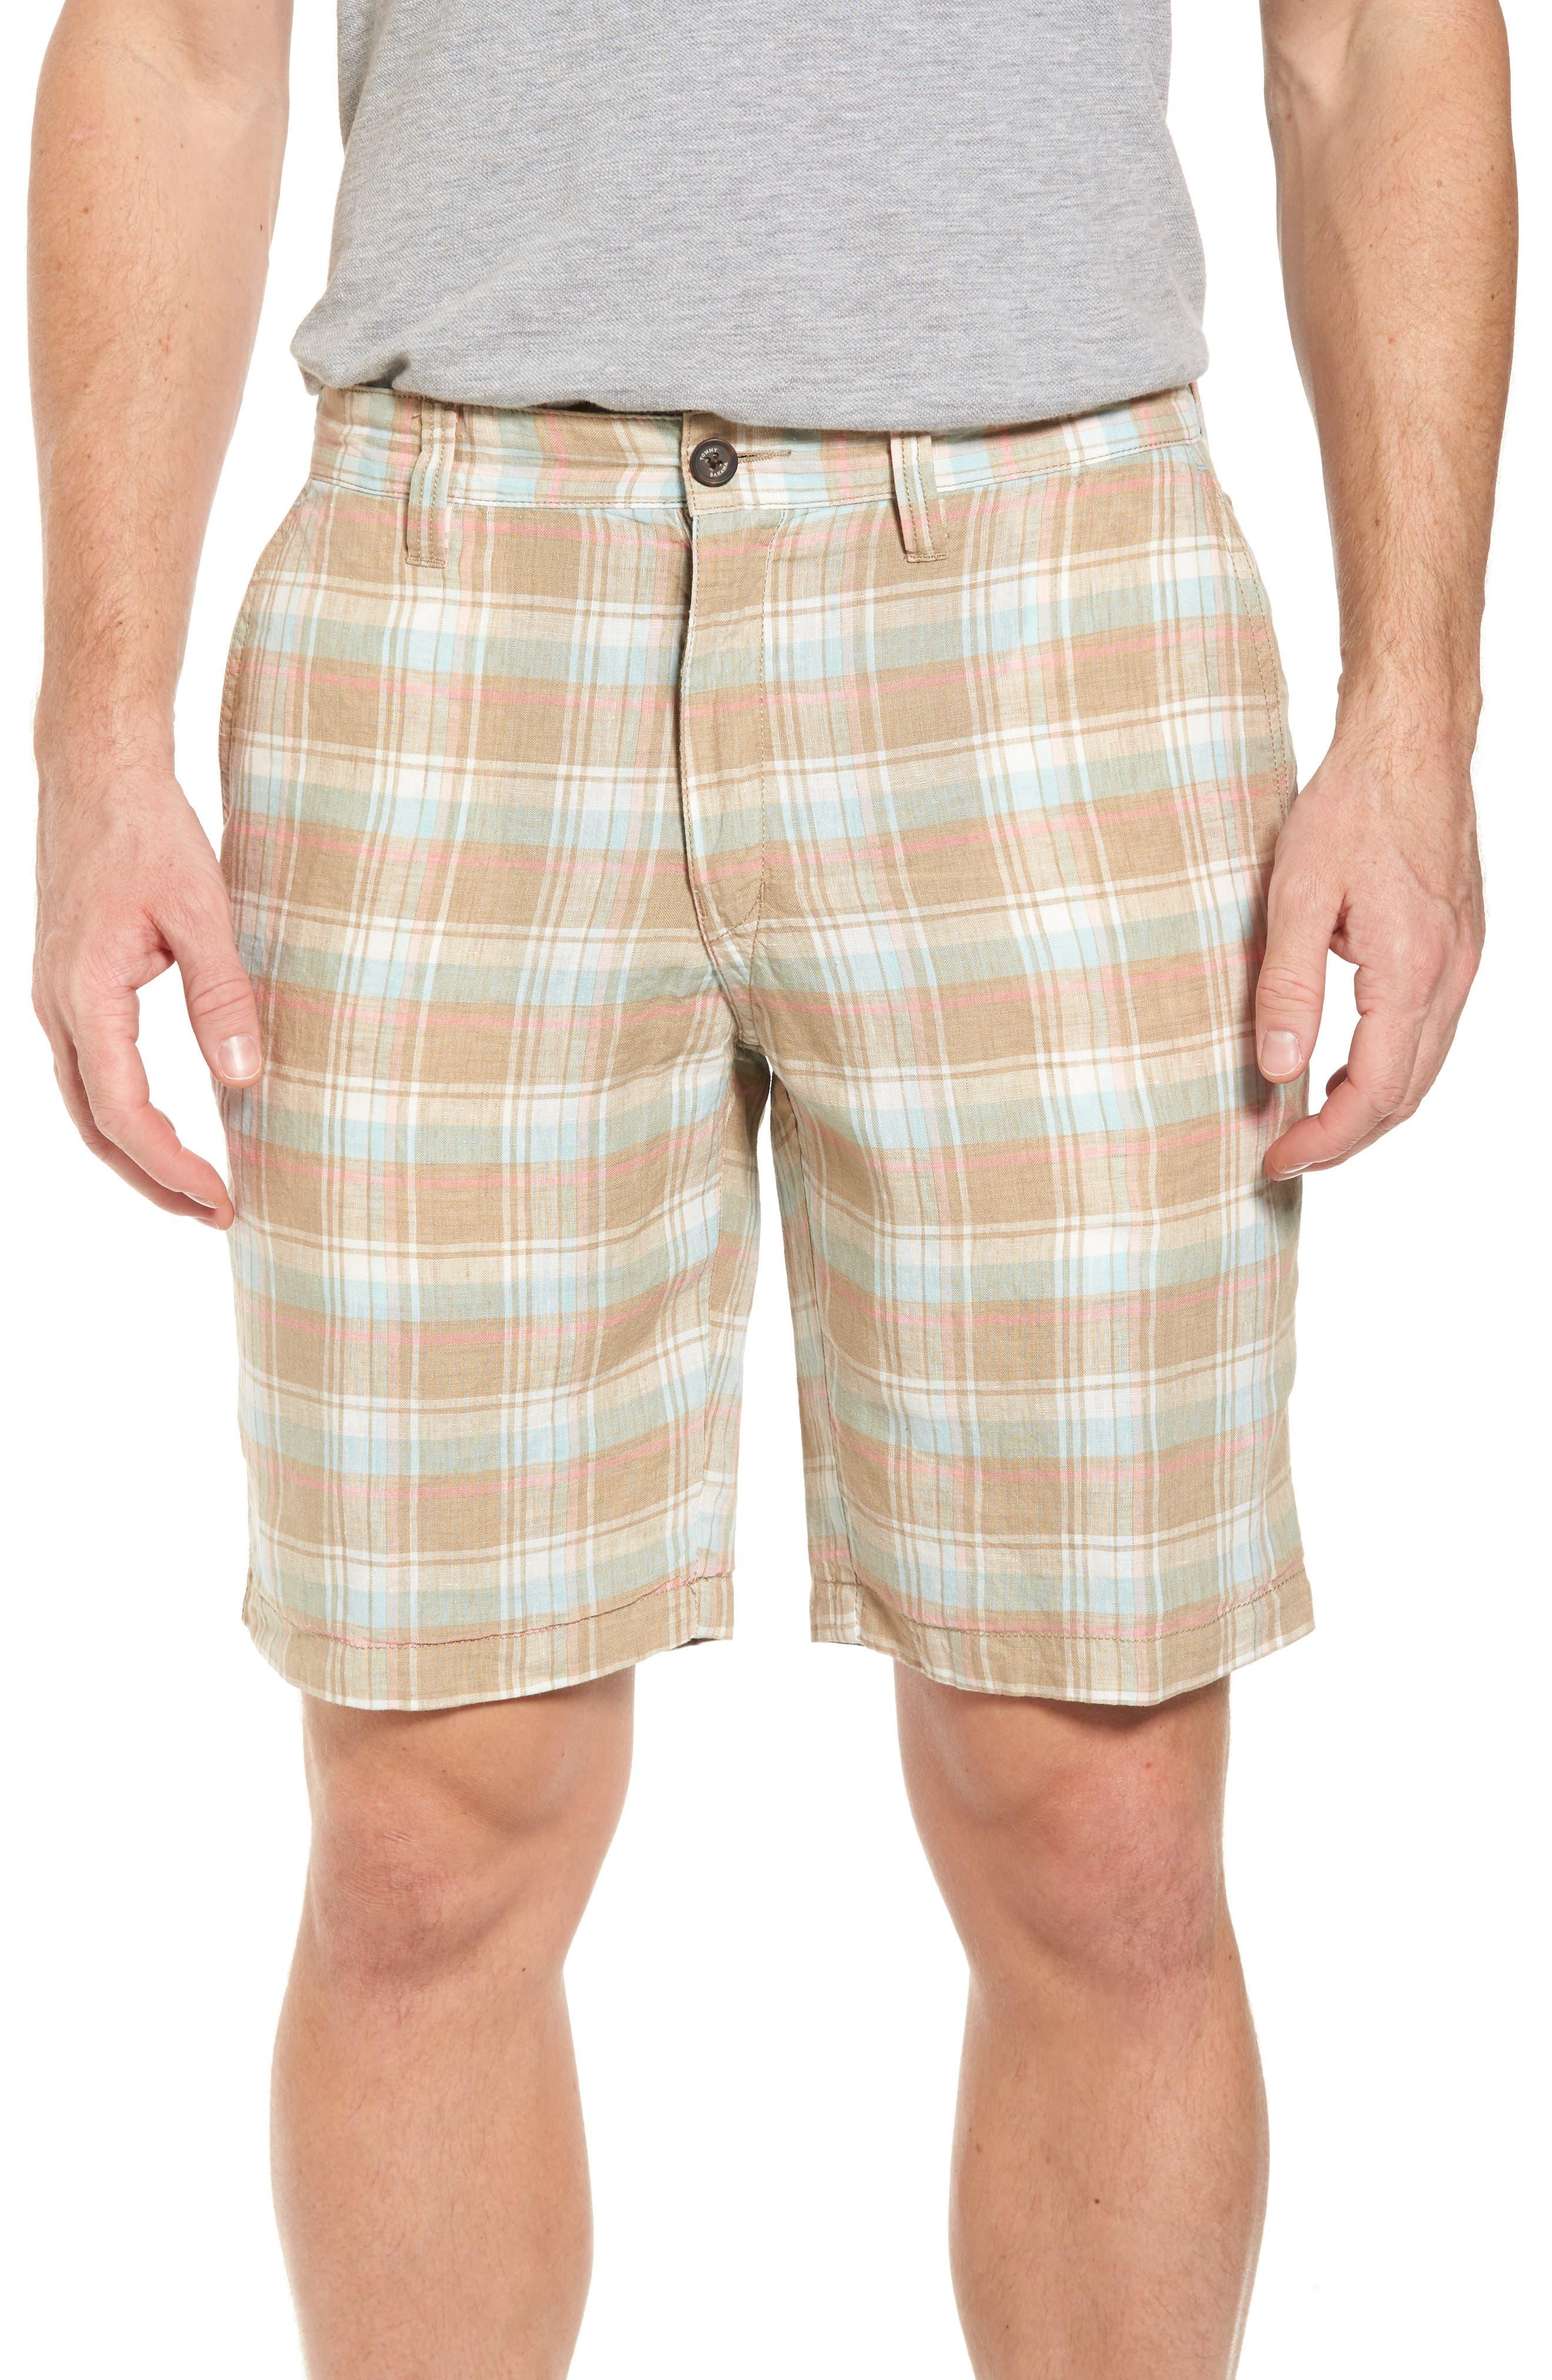 Plaid De Leon Reversible Shorts,                             Main thumbnail 1, color,                             Stone Khaki